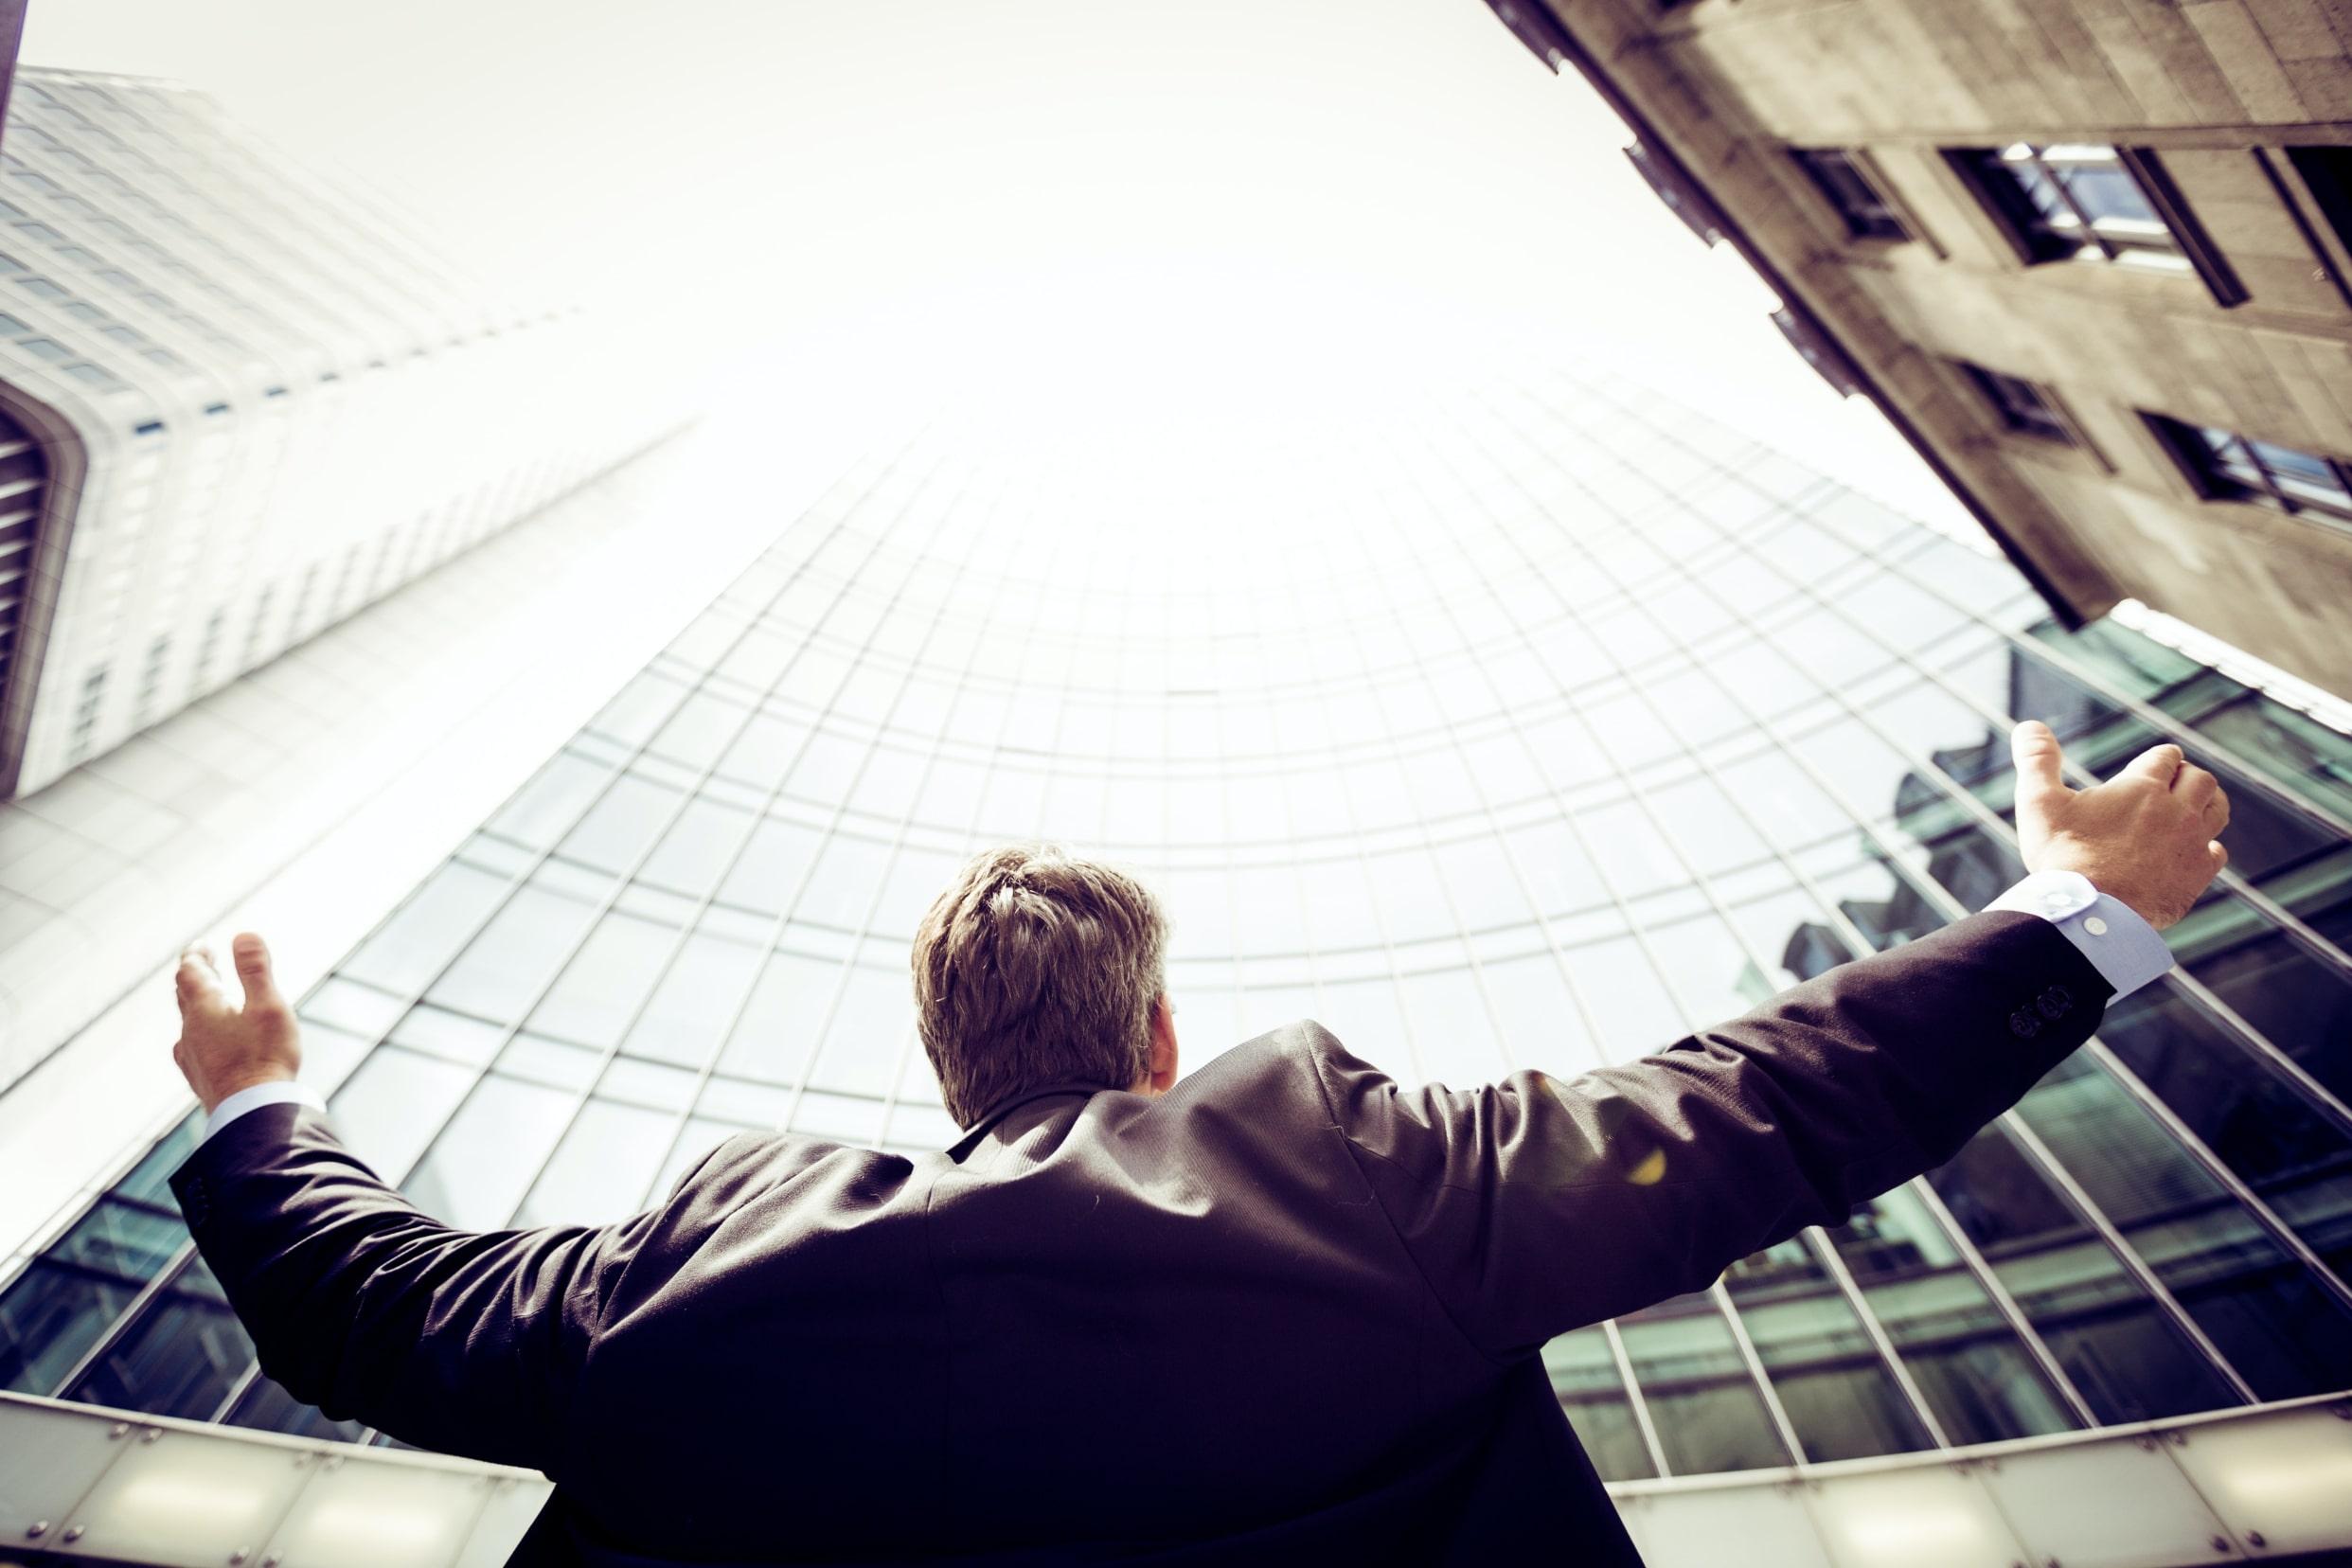 Man-thanking-marketing-for-niche-business-unsplash-1